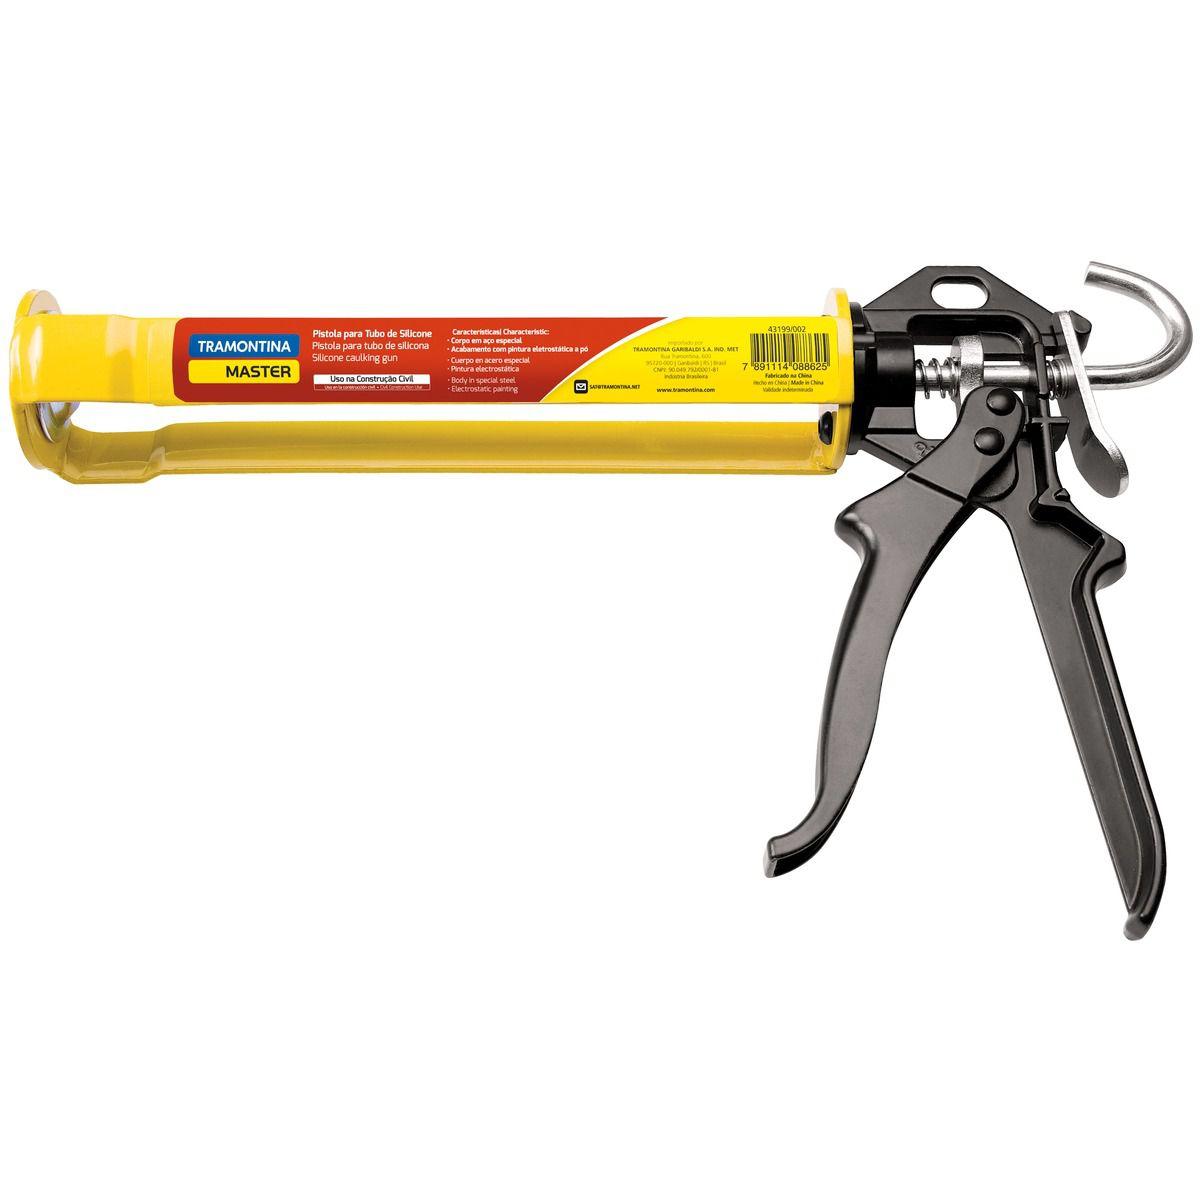 Pistola P/ Tubo De Silicone - Tramontina 43199002